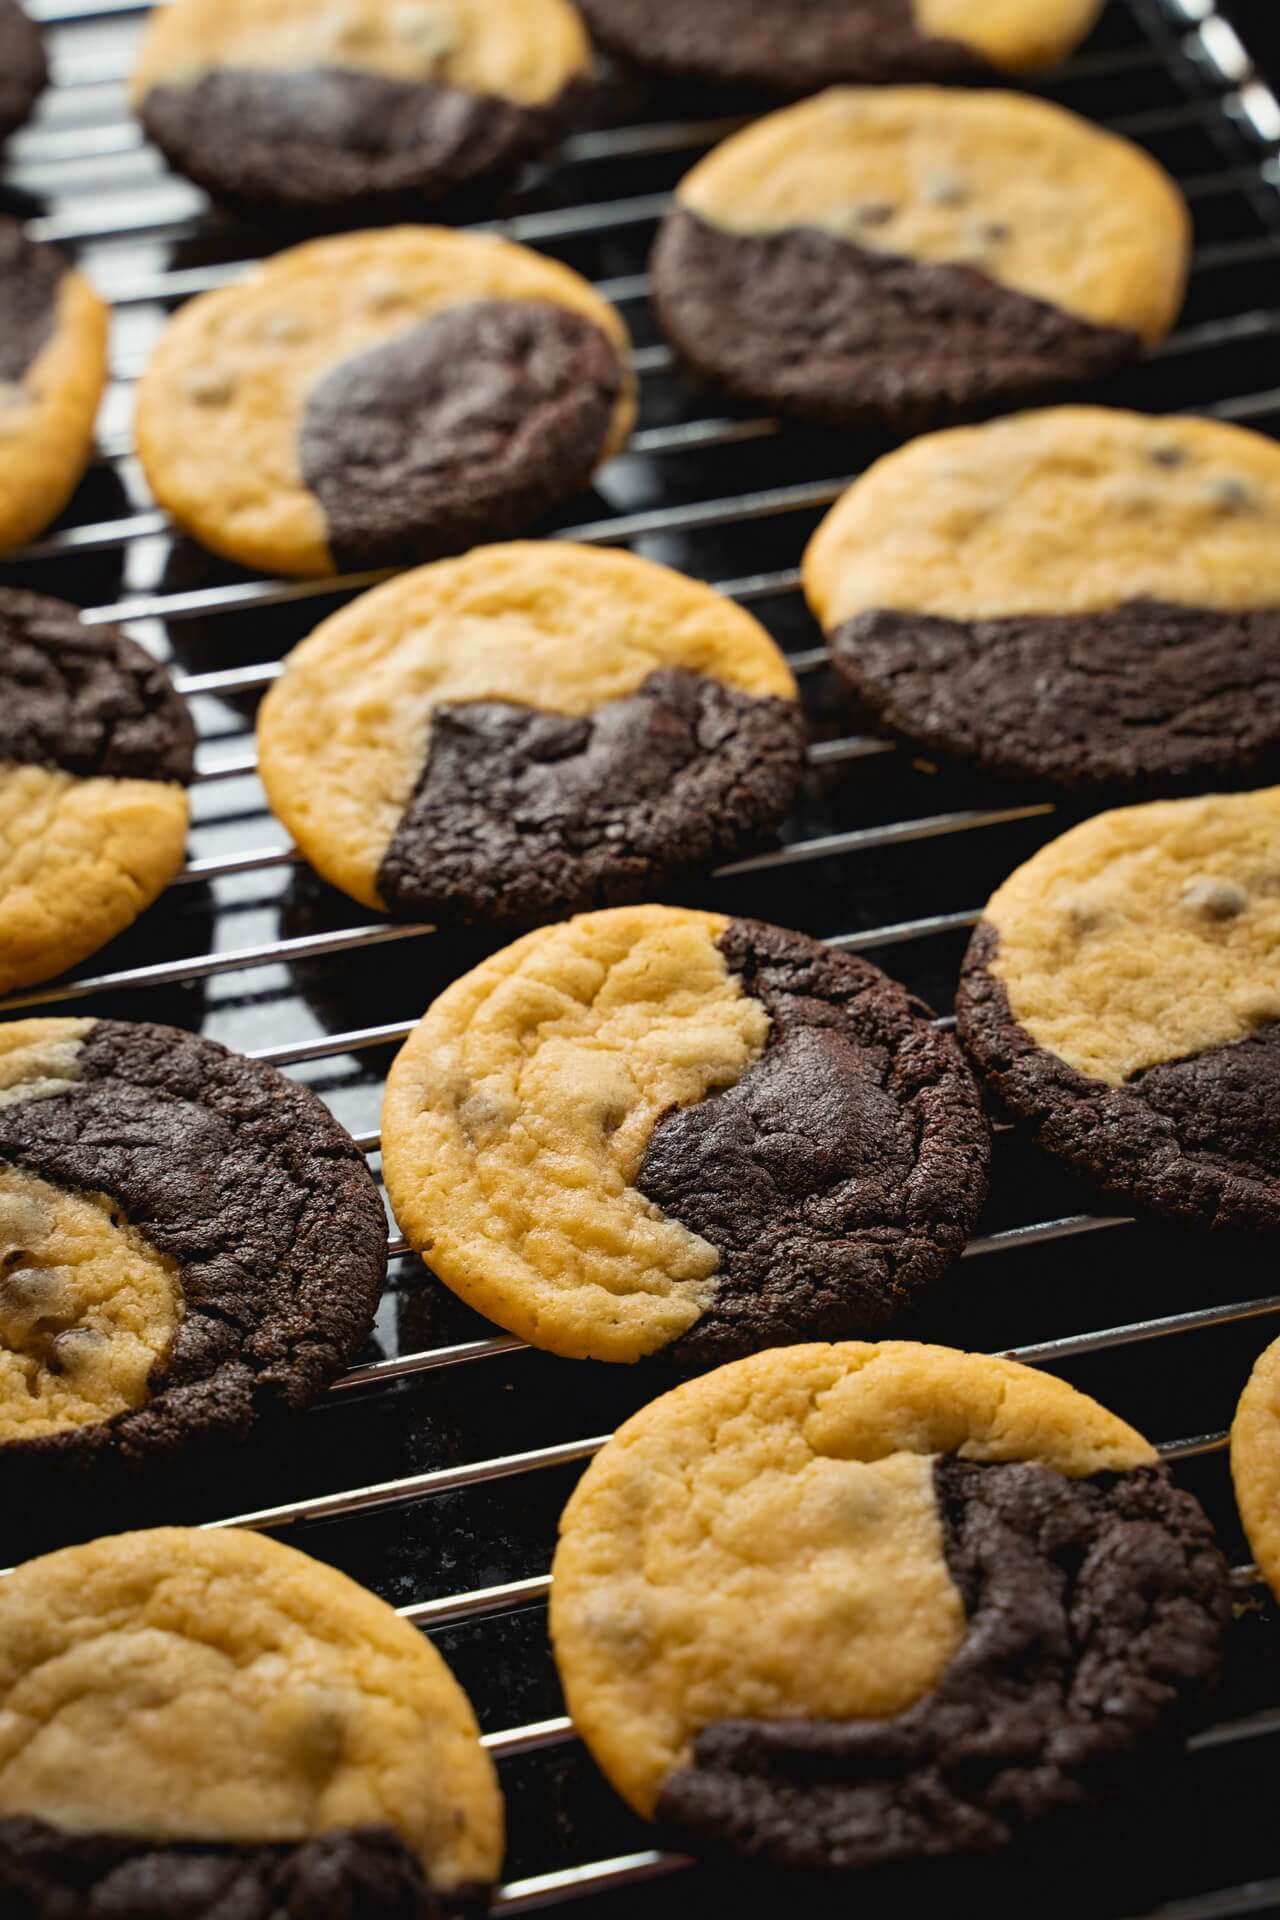 Brookies Brownies And Cookies In One On Wire Rack Vertical